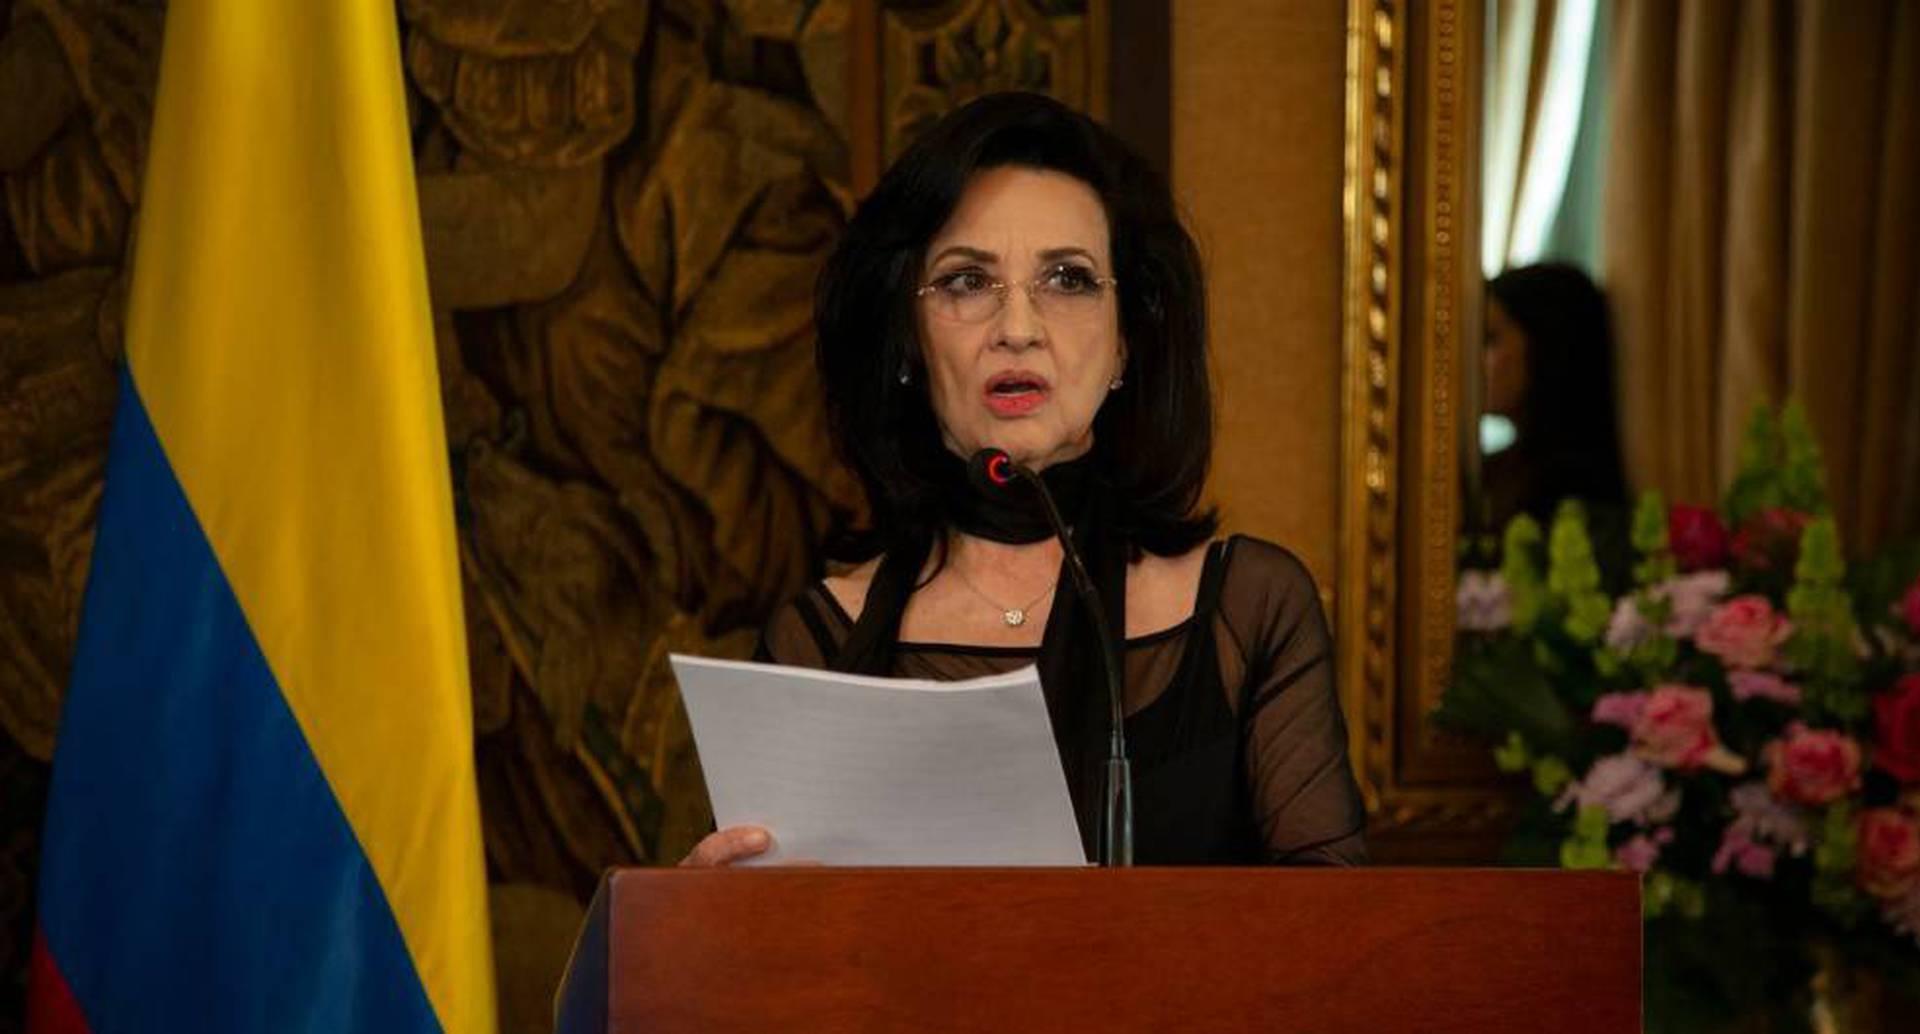 Cancillería se pronuncia sobre la petición de alcalde de Medellín | Colombia hoy